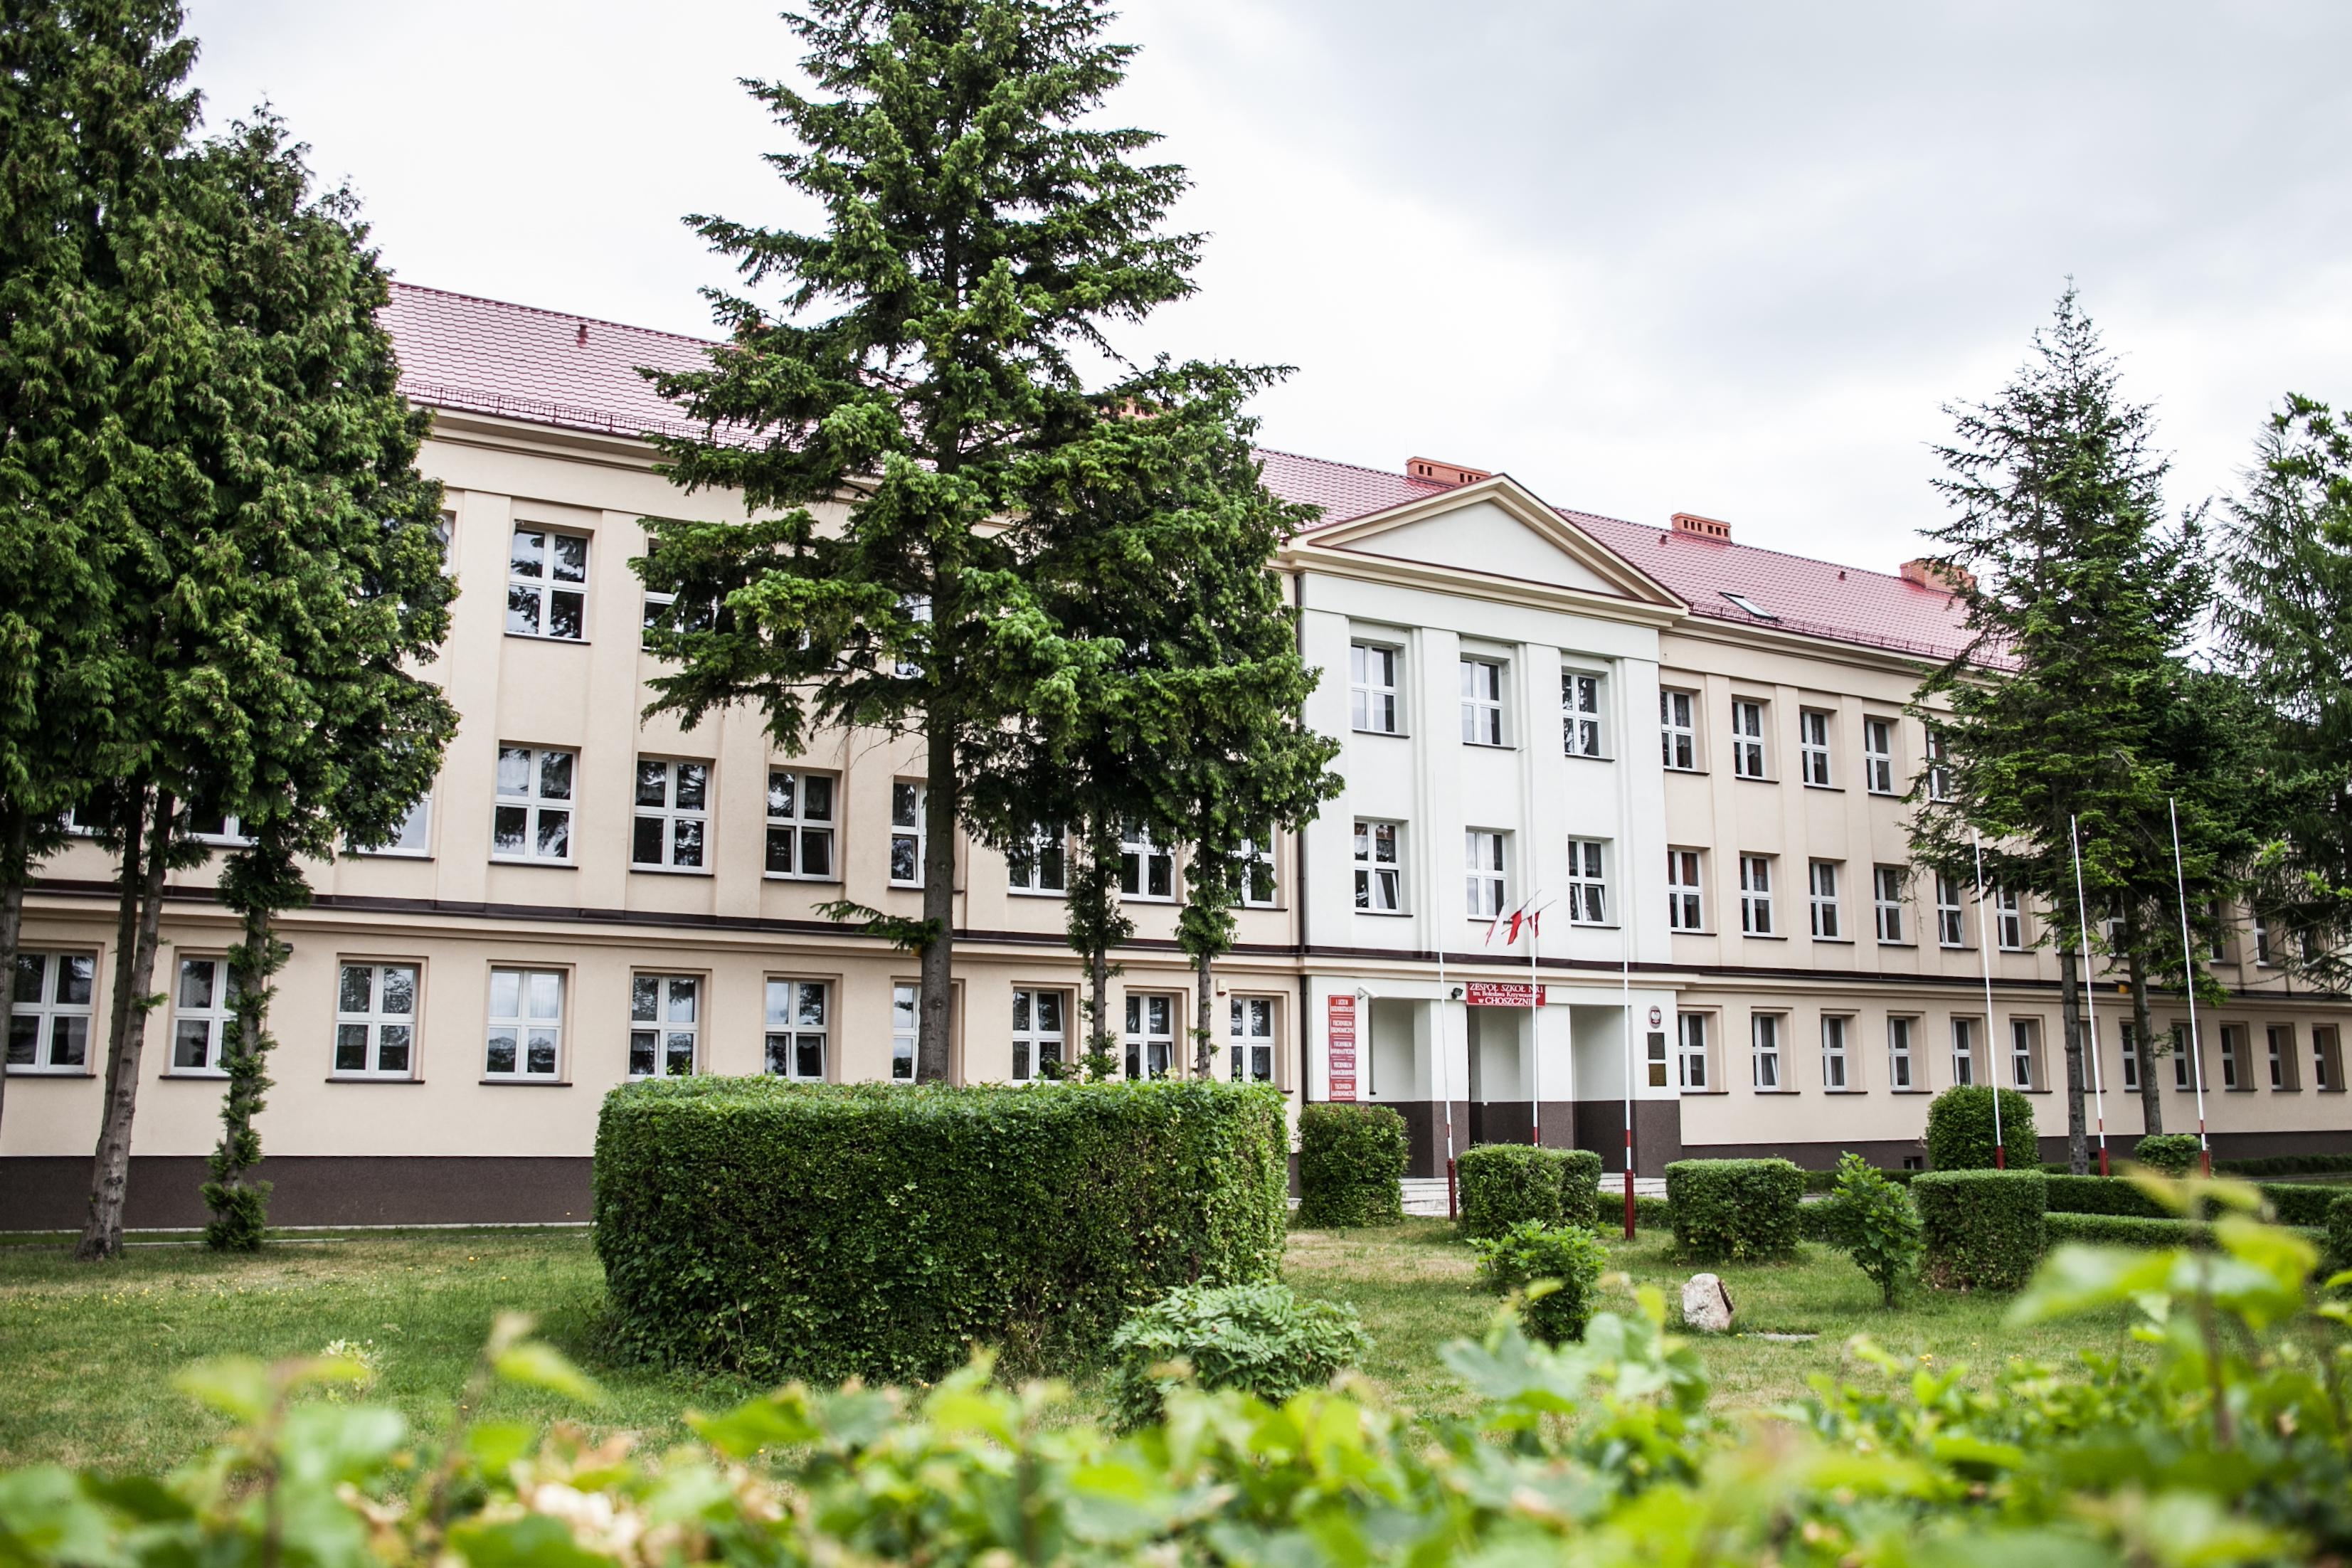 Zespół Szkół Nr 1 w Choszcznie [Źródło: PORT PC/ Gazuno]